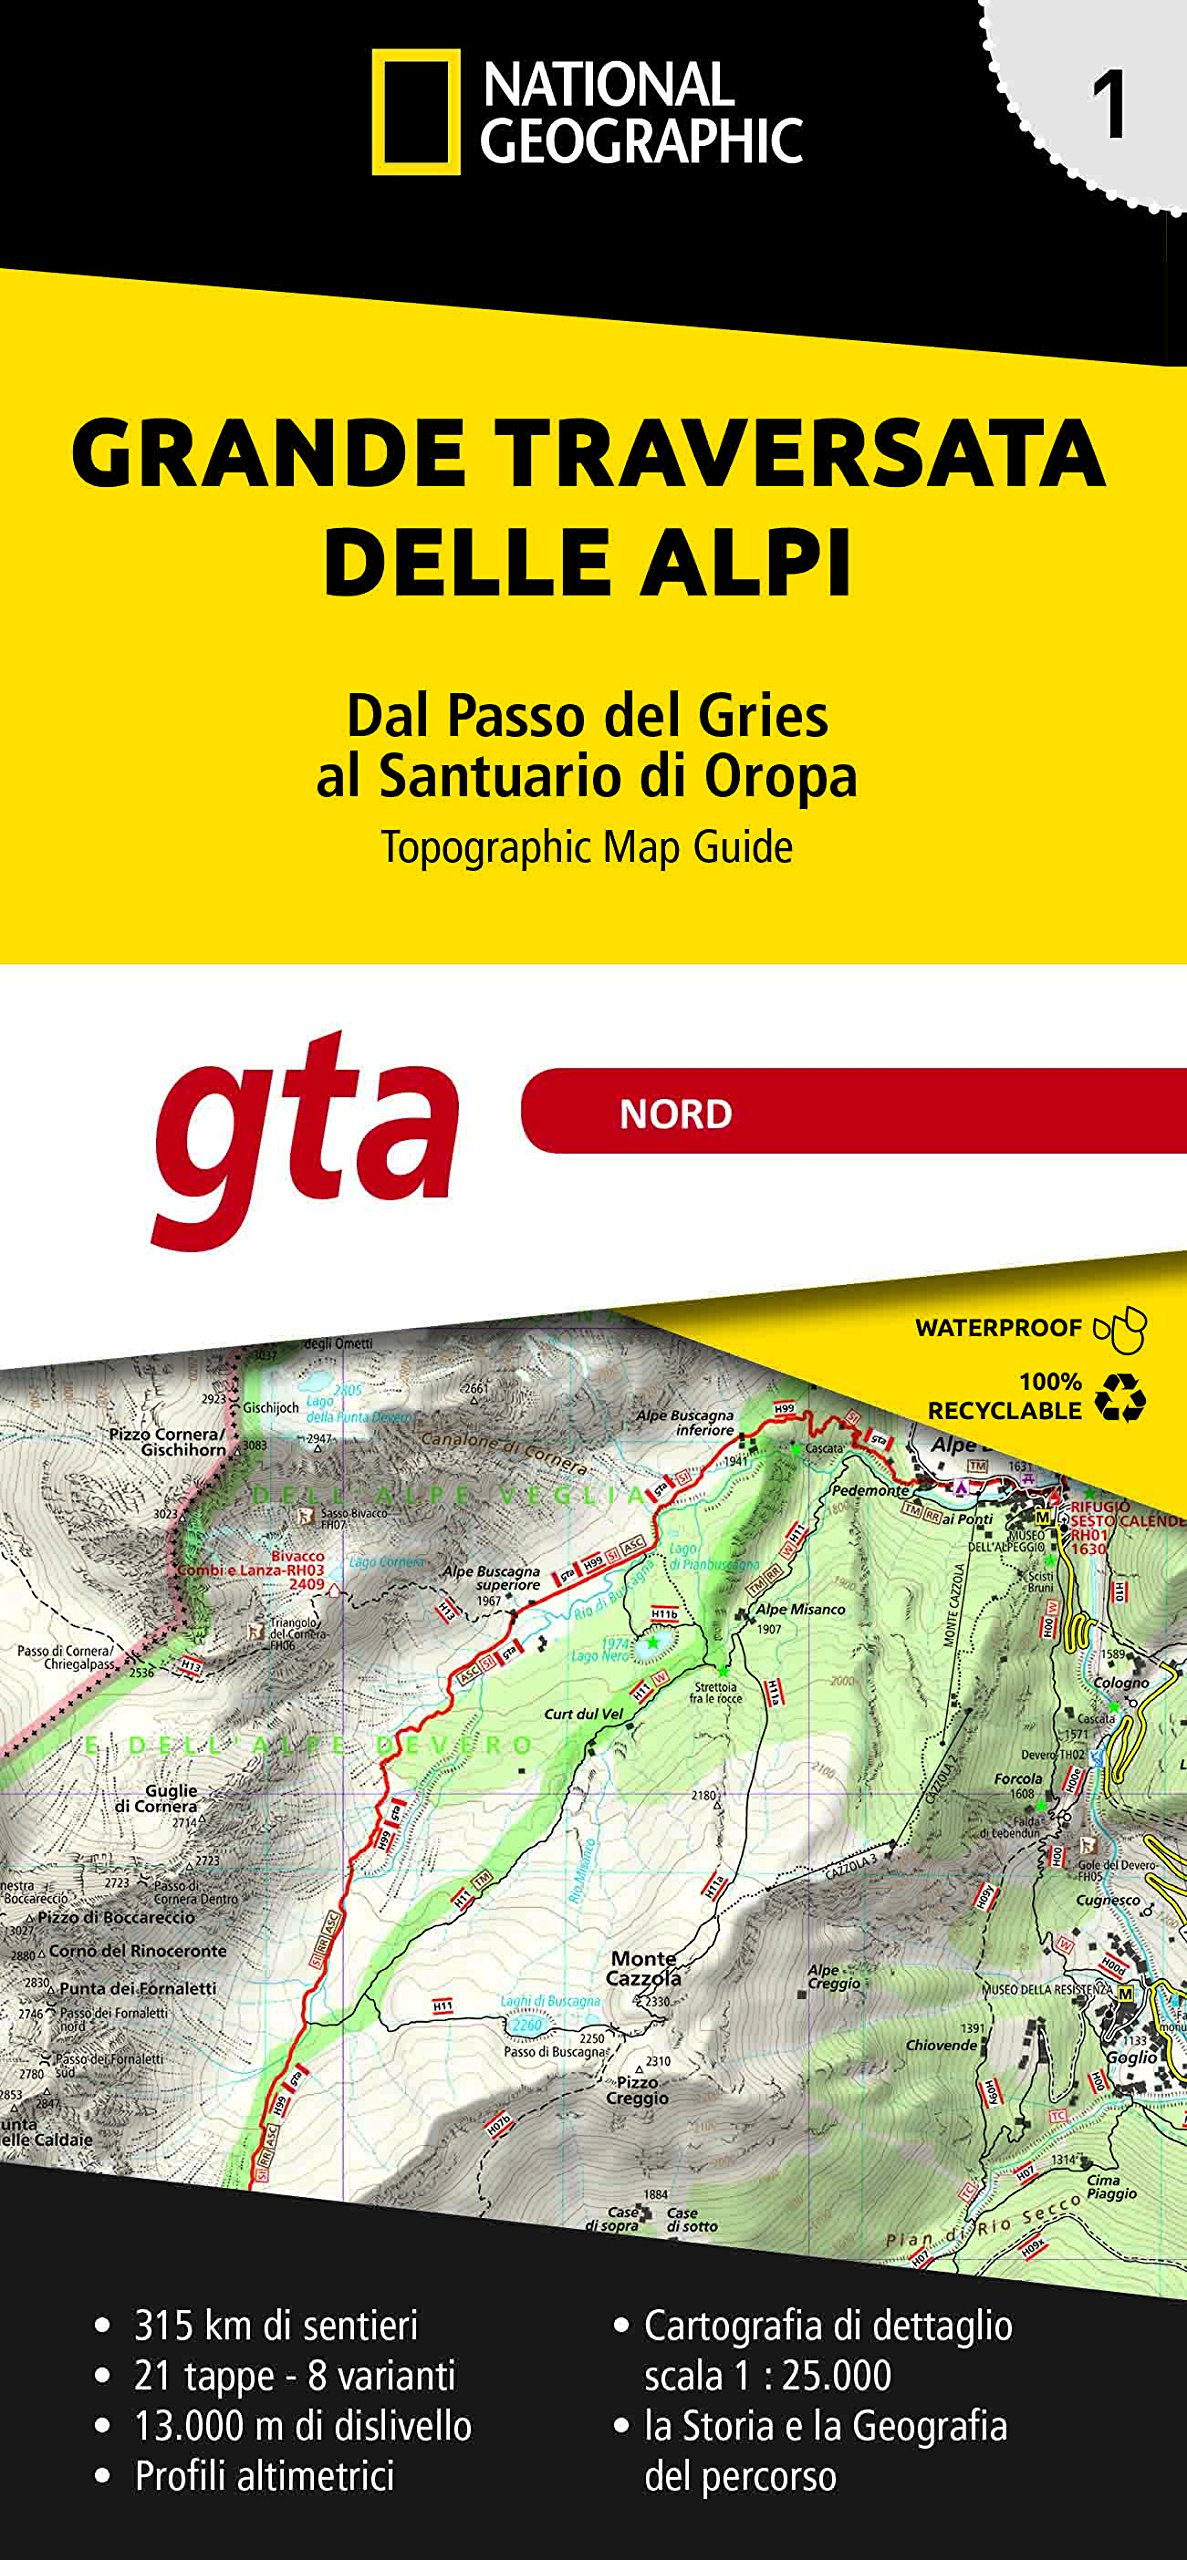 GTA 1: Nord - Grande Traversata delle Alpi   wandelatlas GTA, deel NOORD 9788869851742  National Geographic   Meerdaagse wandelroutes, Wandelgidsen, Wandelkaarten Ligurië, Piemonte, Lombardije